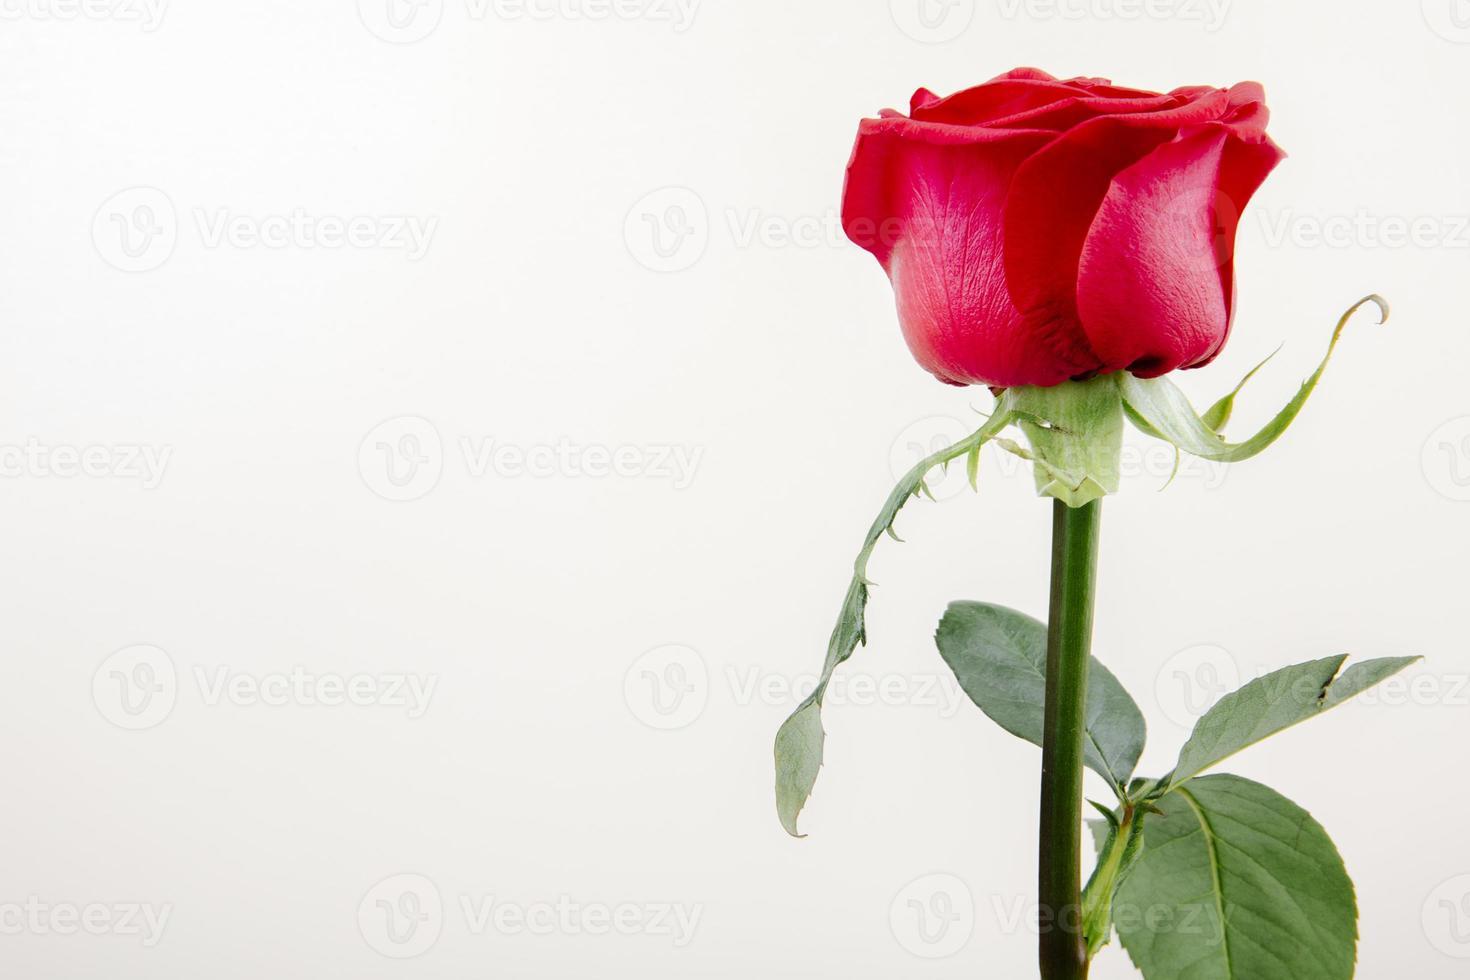 röd ros isolerad på en vit bakgrund foto